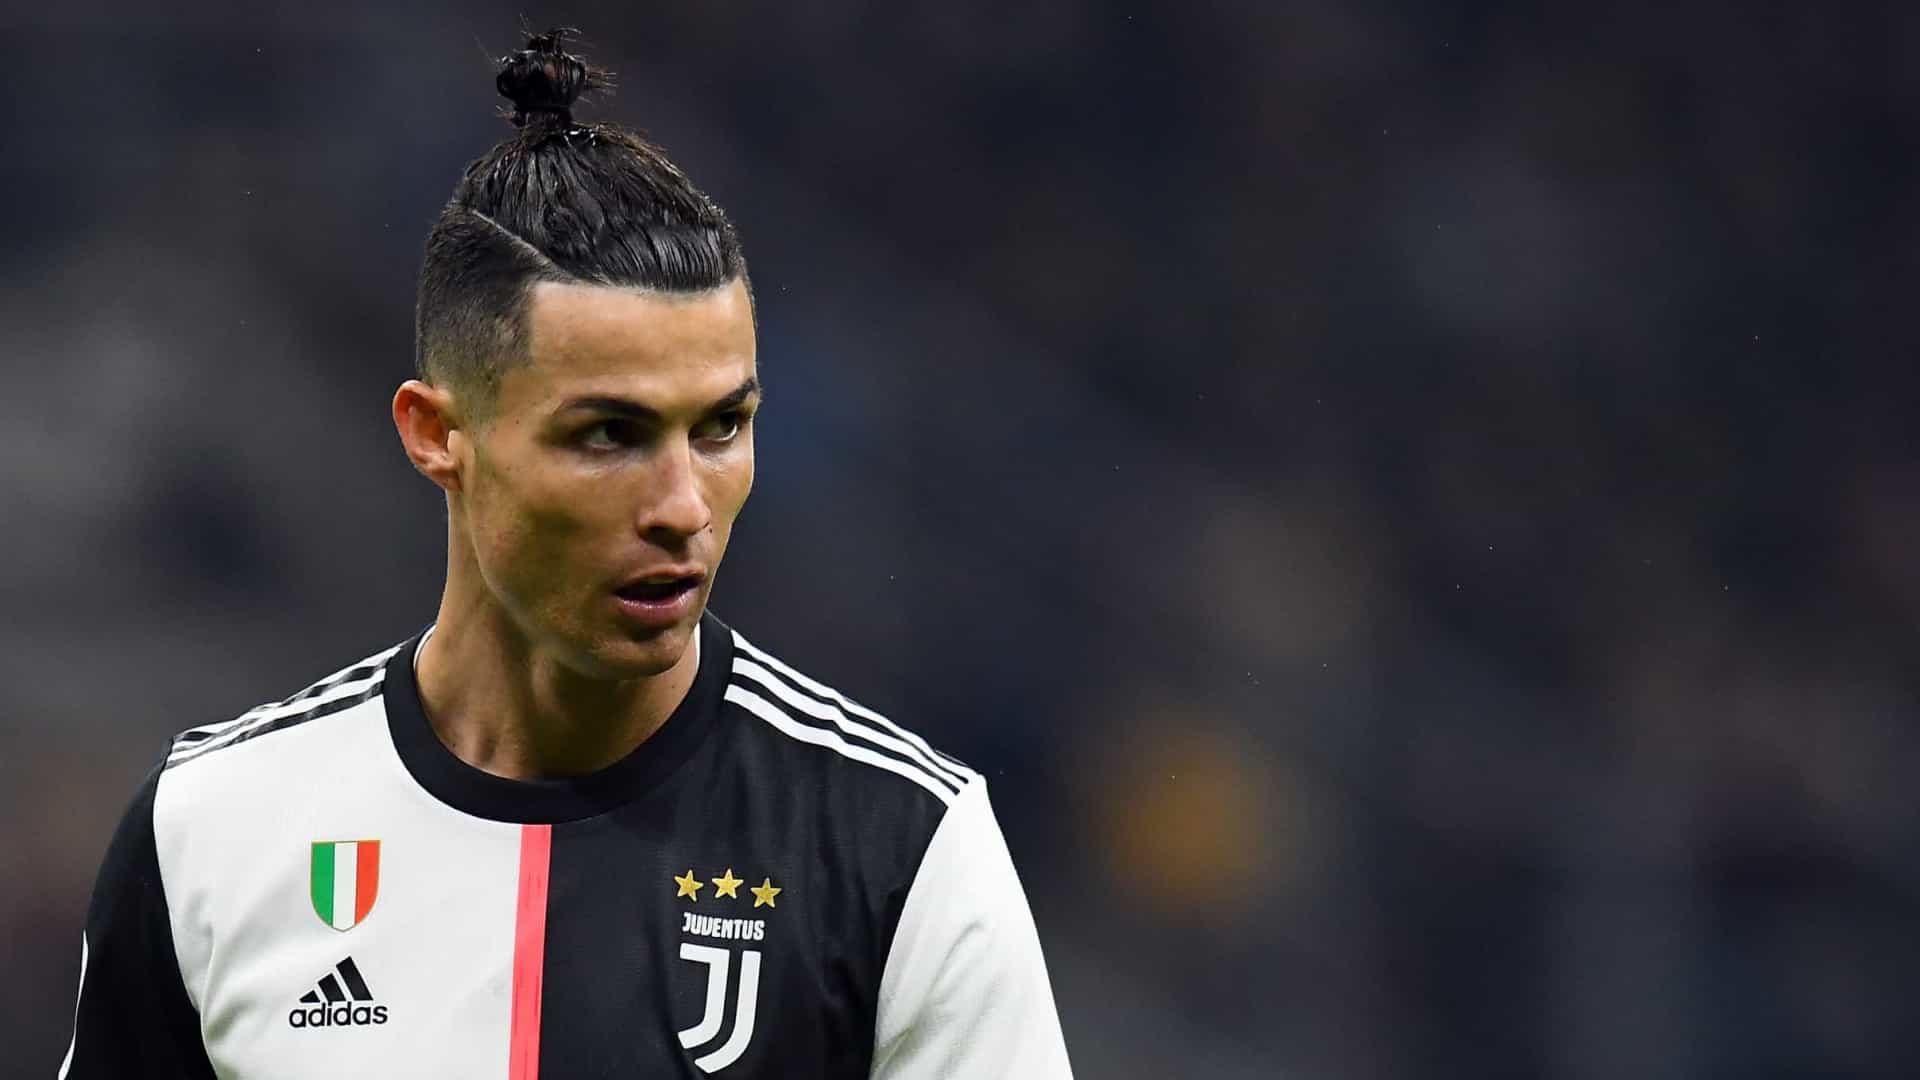 Cristiano Ronaldo poderá regressar ao Real Madrid, diz imprensa italiana